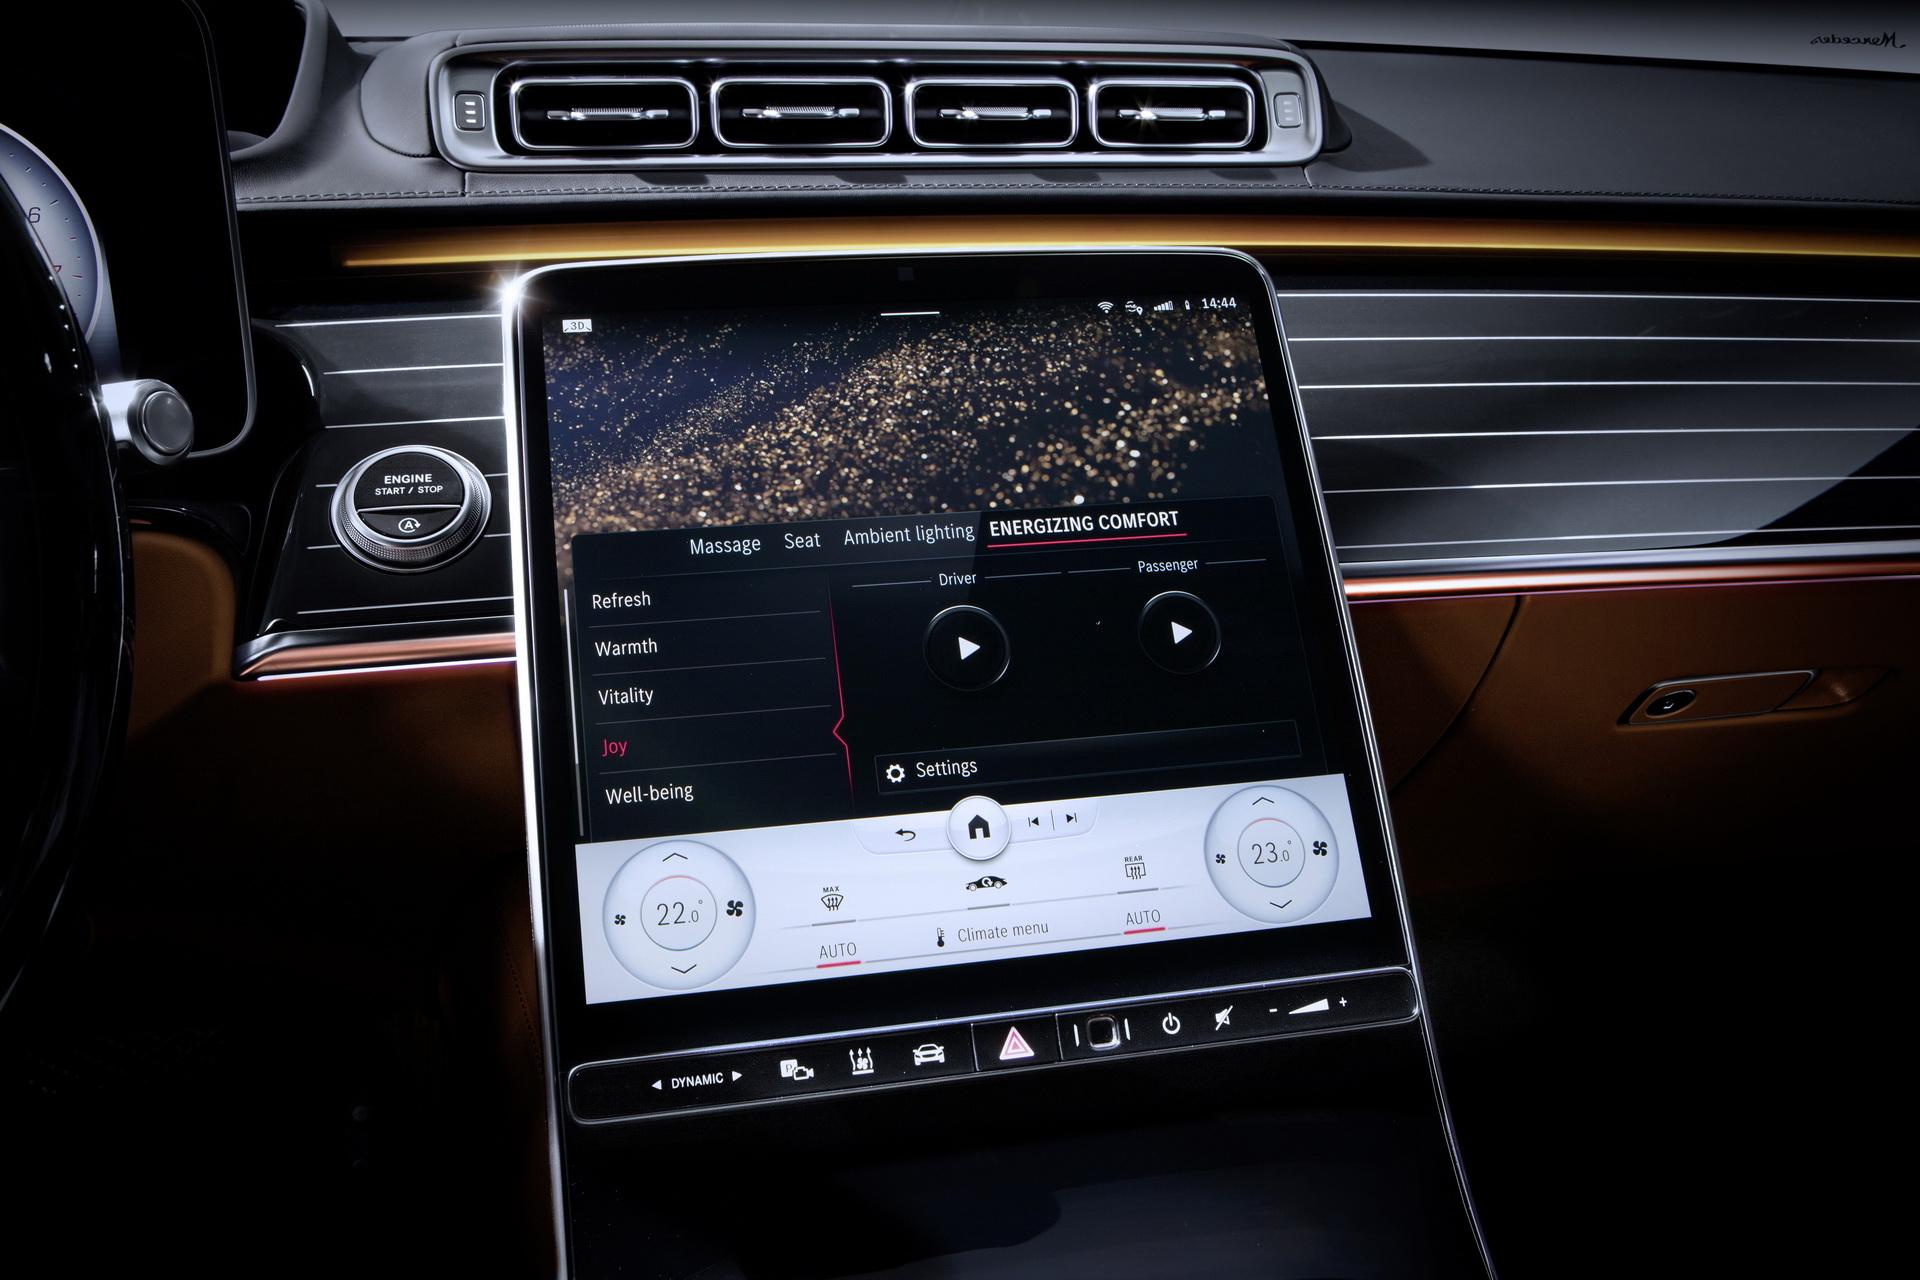 2021-mercedes-s-class-interior-1.jpg